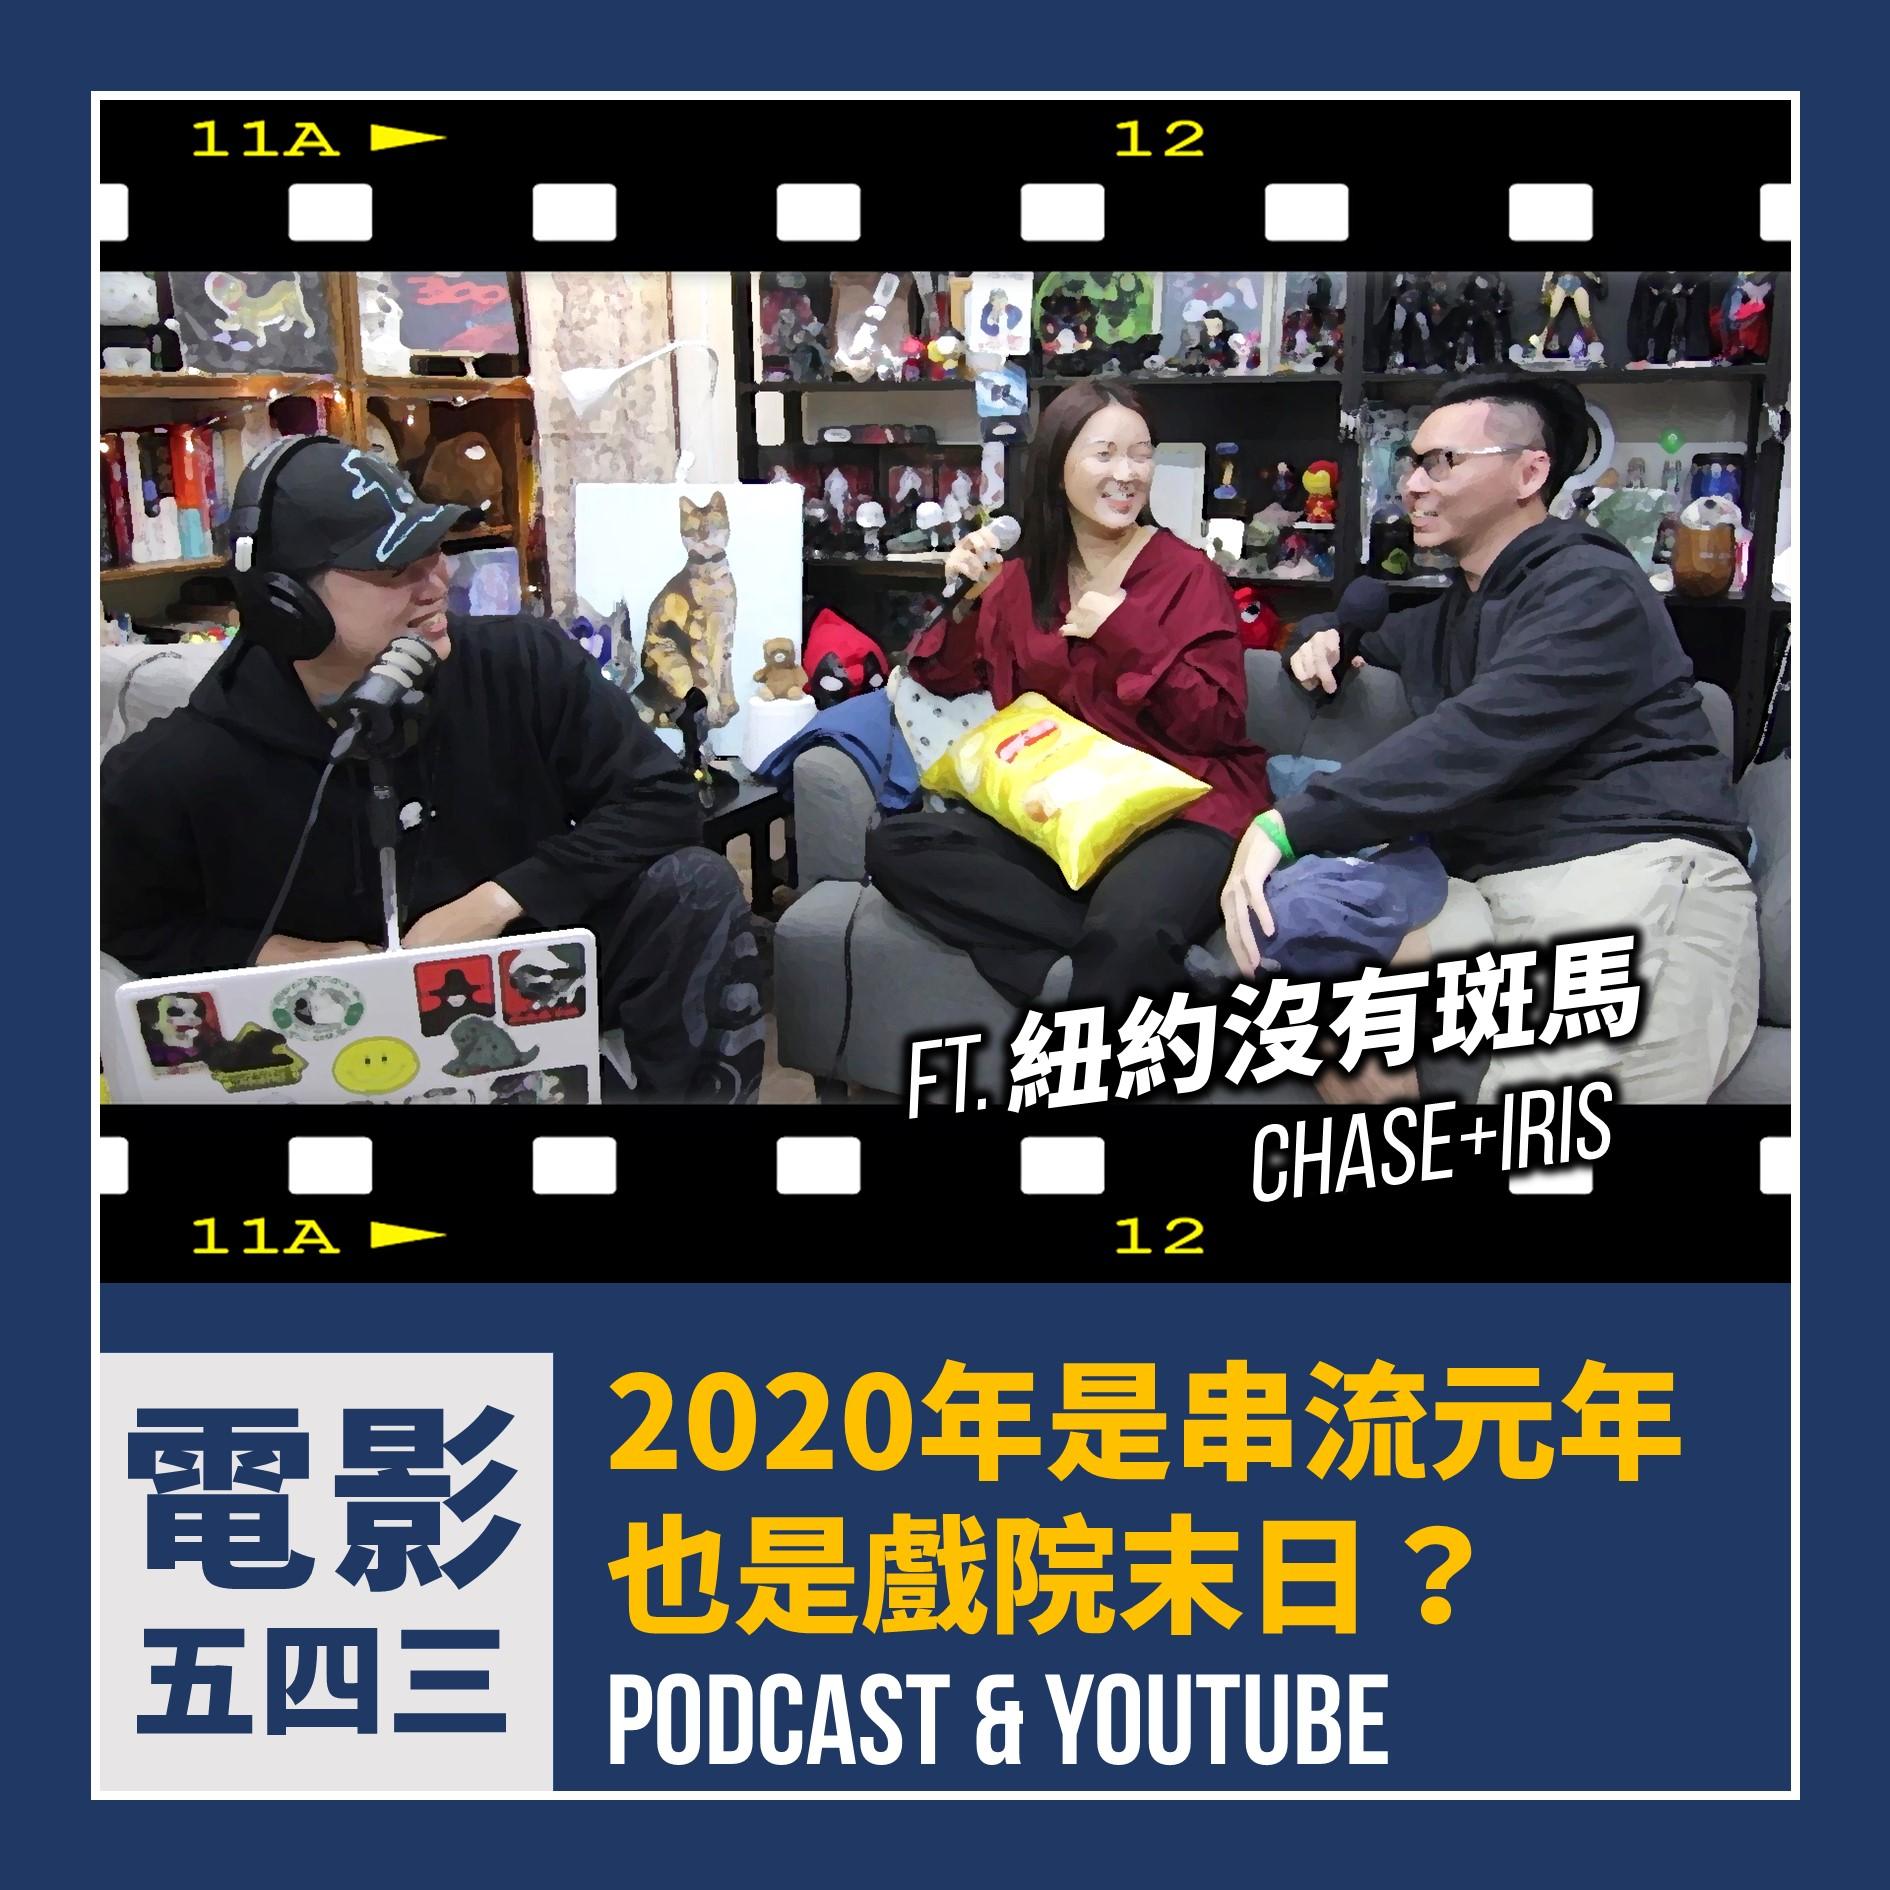 【電影五四三】2020年串流元年 也是戲院末日?   時事專題 XXY Feat.  @紐約沒有斑馬   Chase & Iris